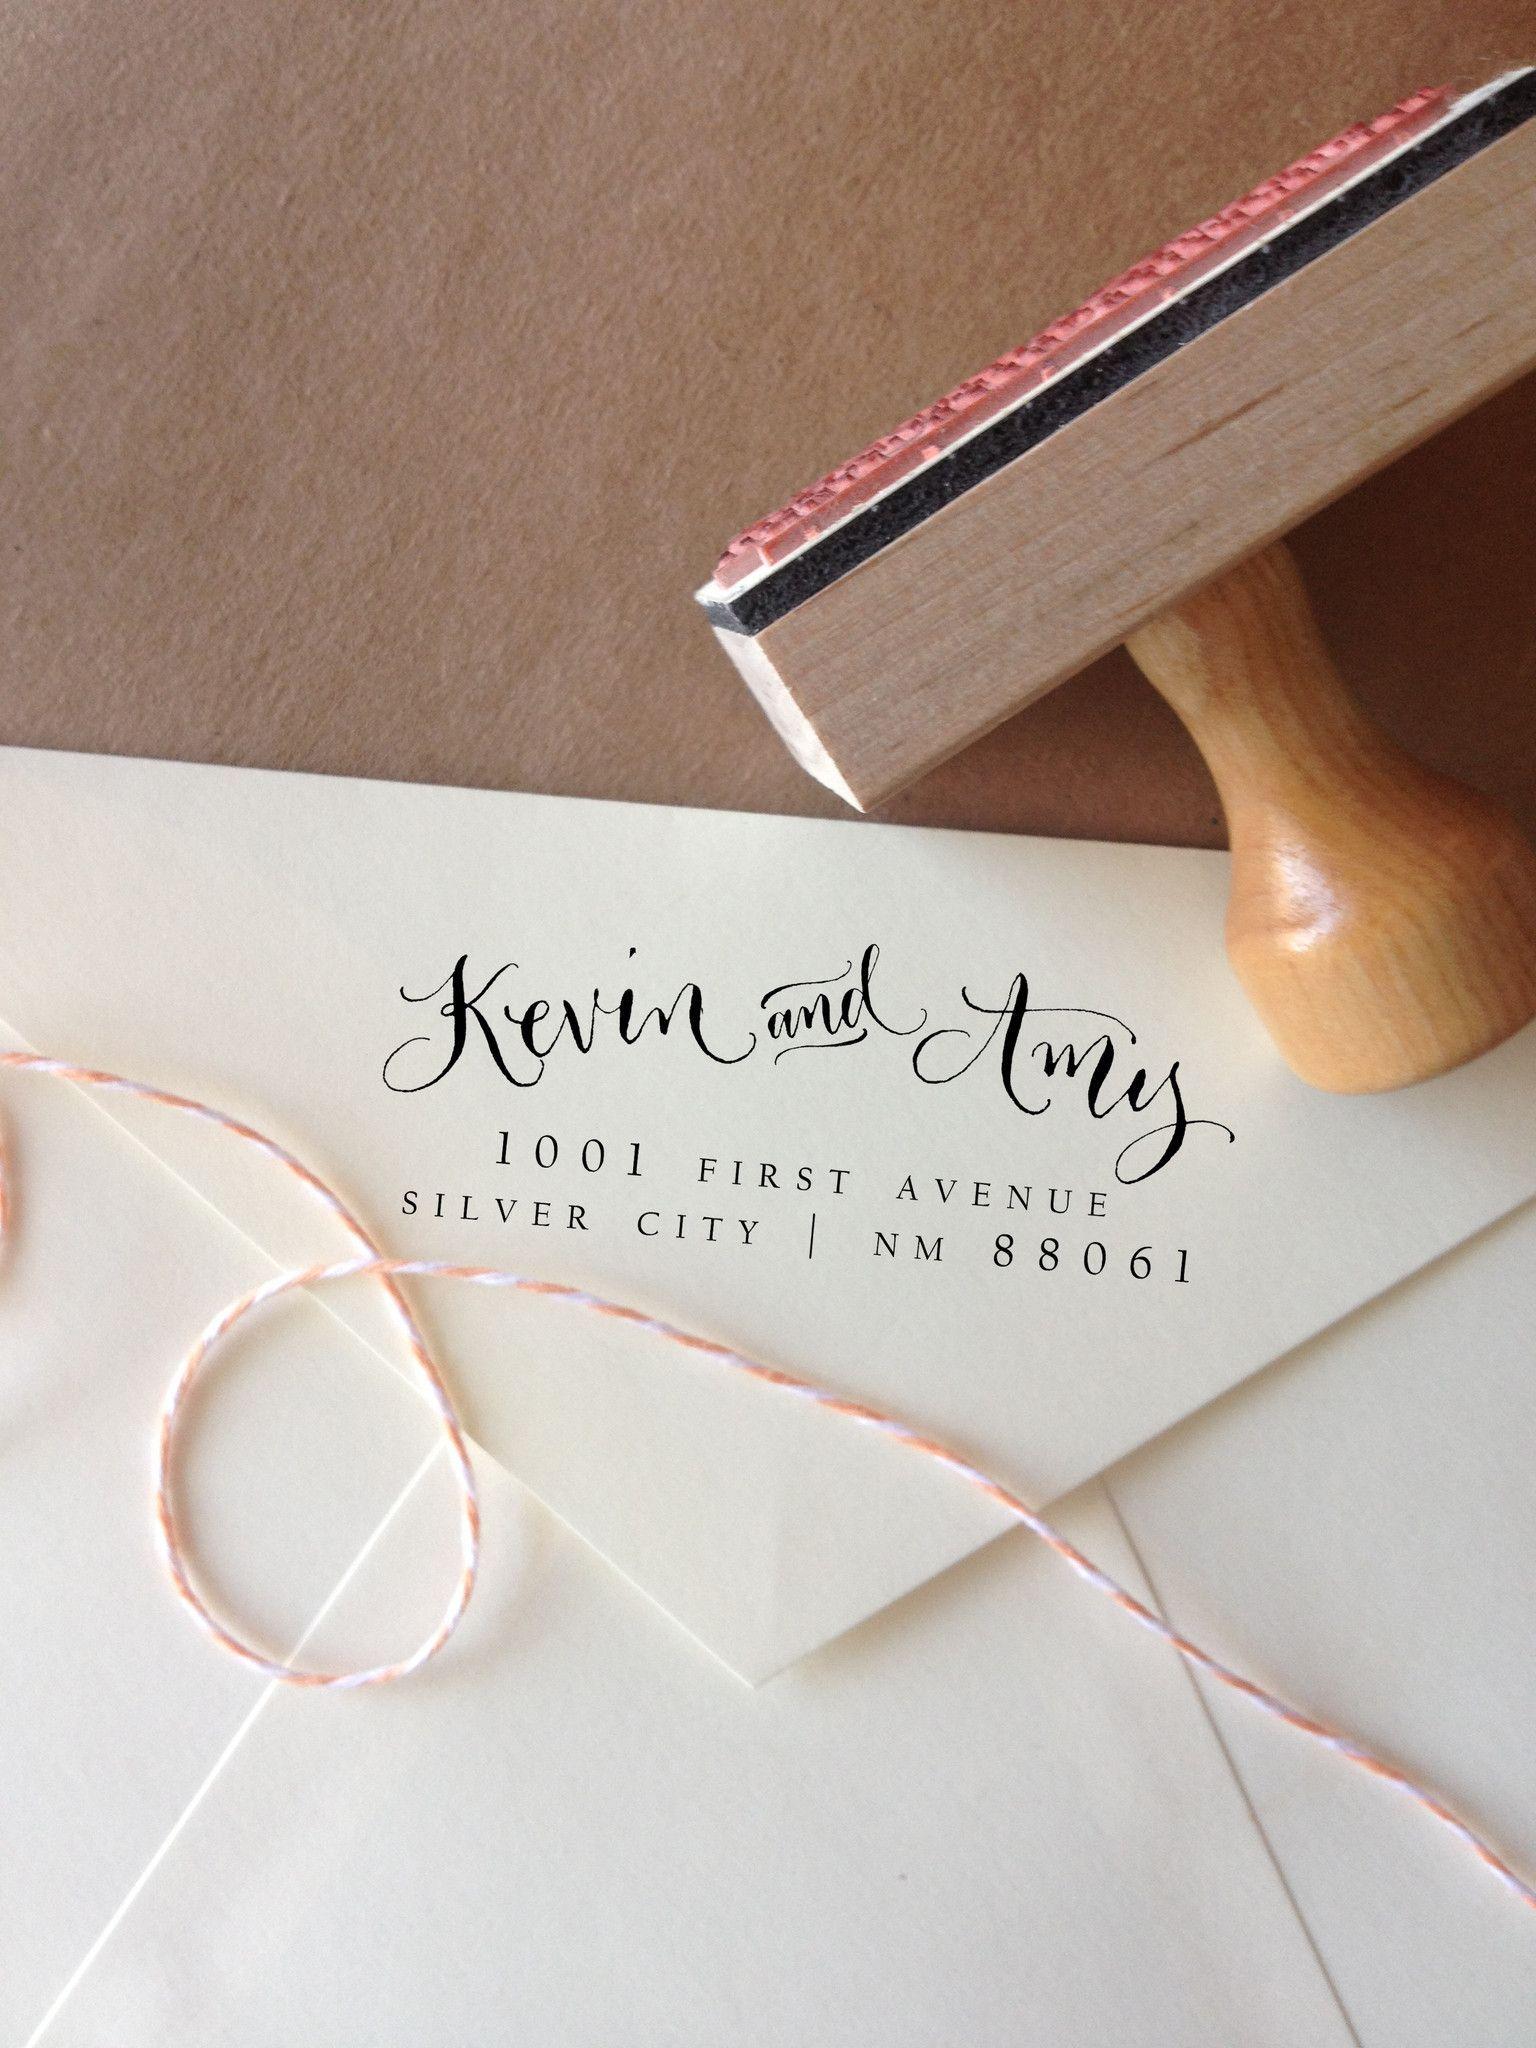 Elle Curved Style Return Address Stamp Wood Handle Stamp Order